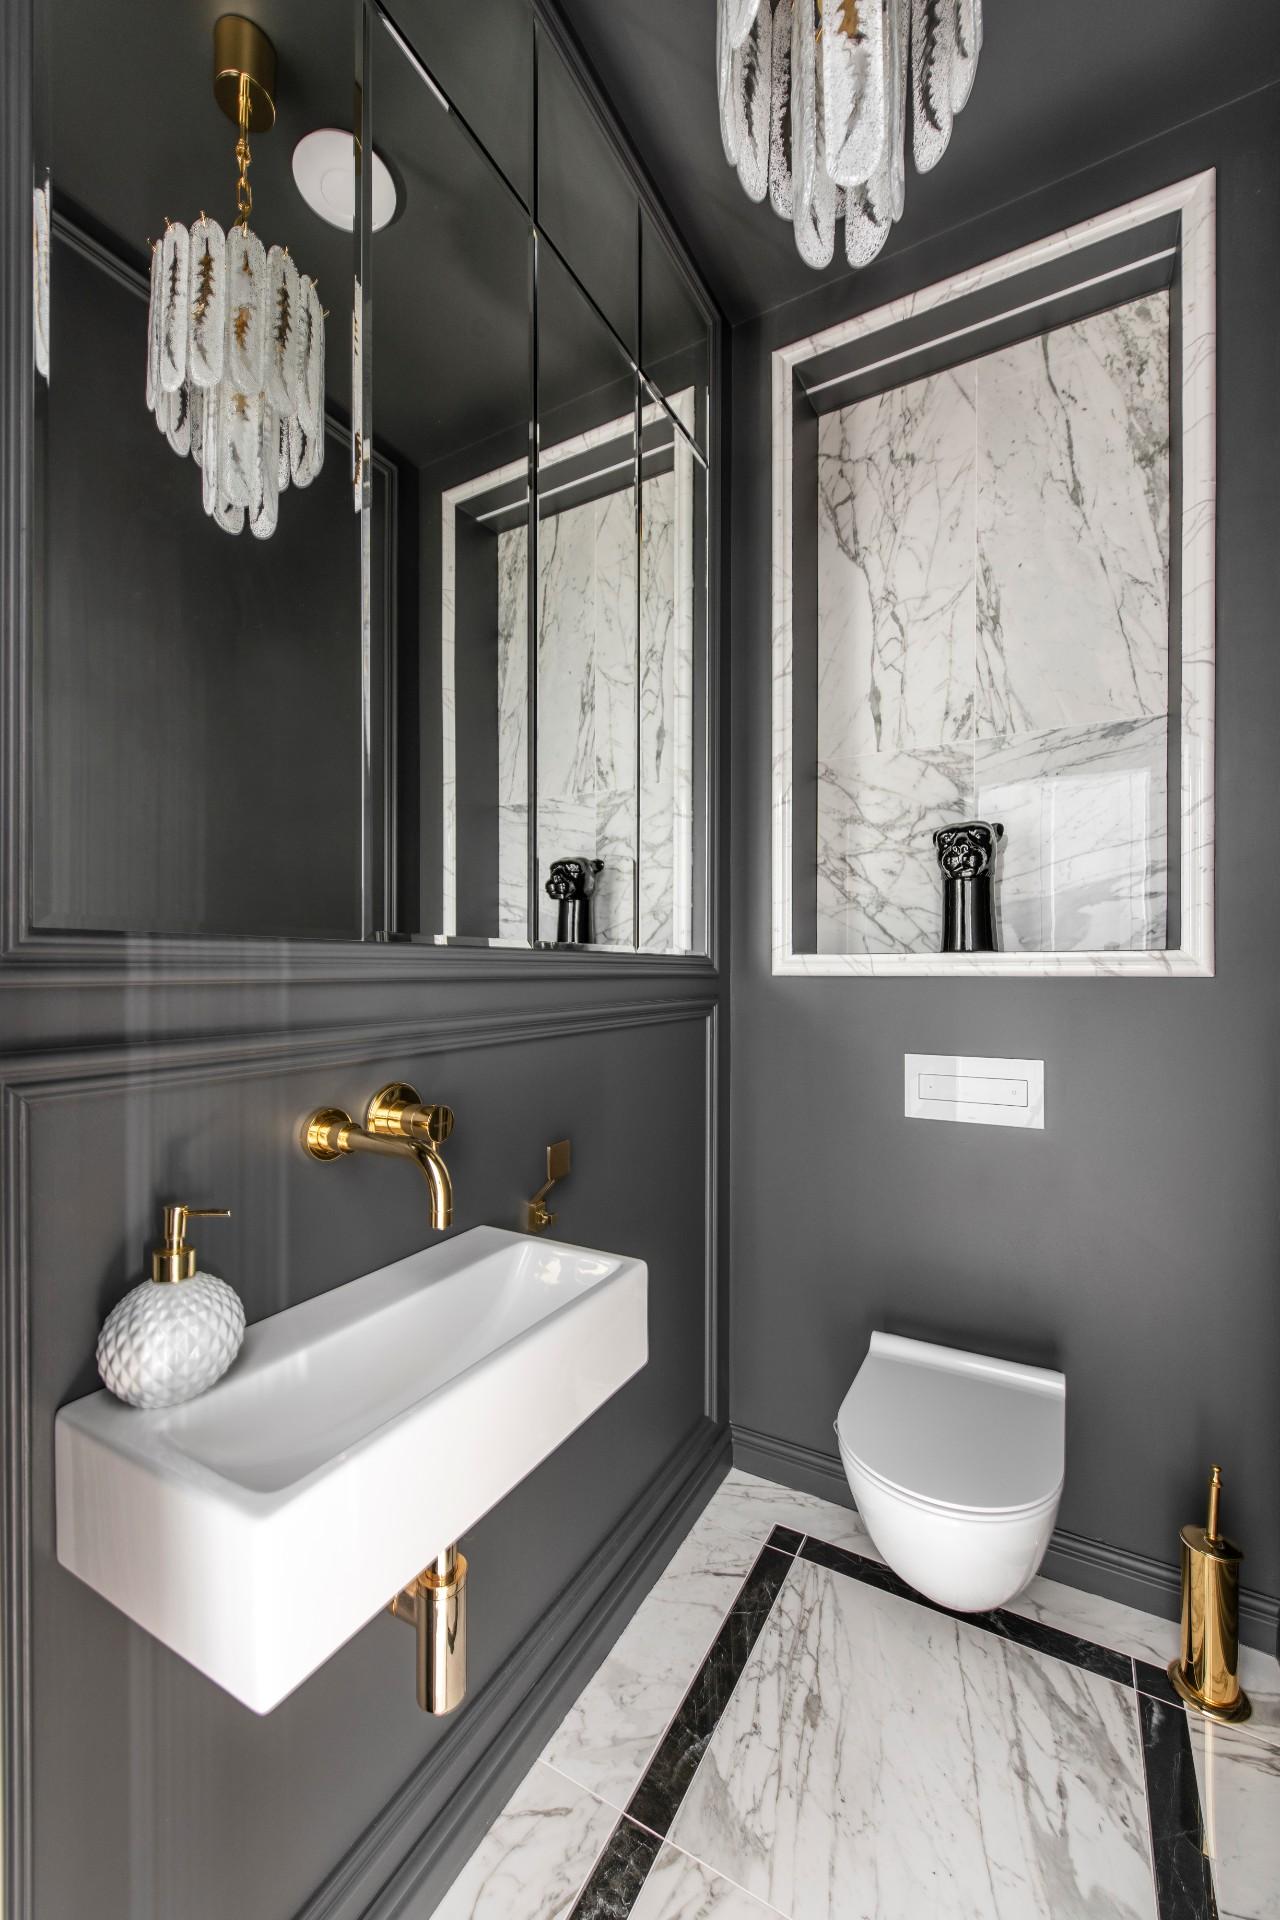 Pailgo kambario interjeras vonioje su veidrodžiu